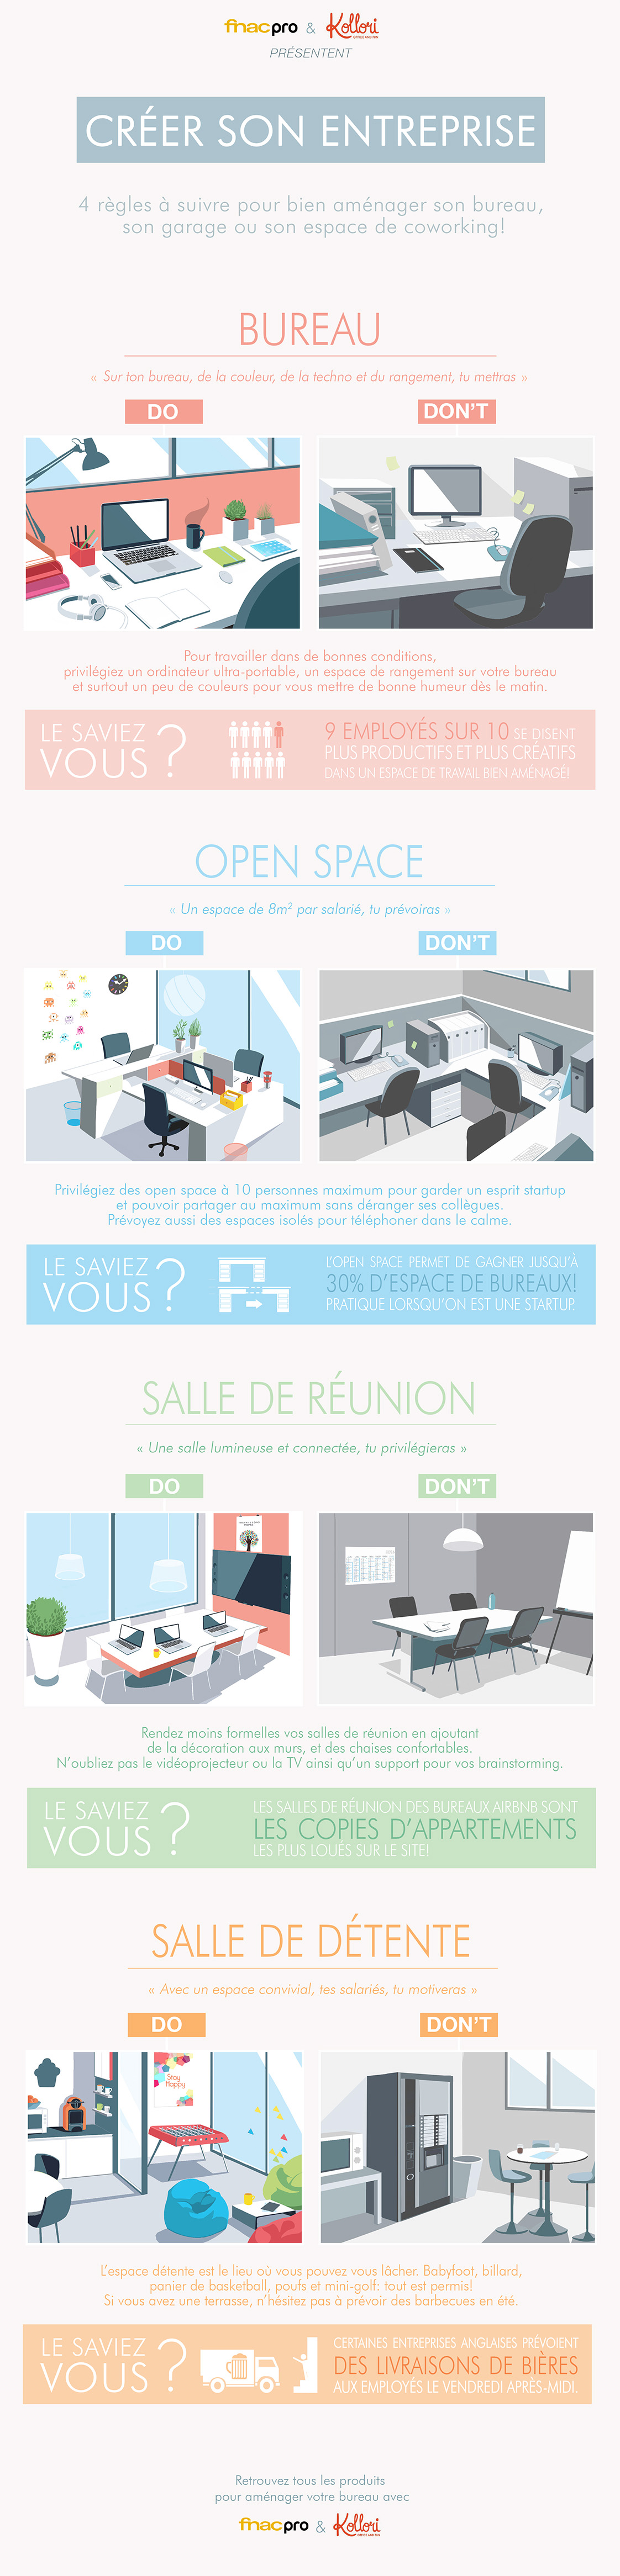 infographie 4 conseils pour am nager les bureaux de sa startup blog bureaux a partager. Black Bedroom Furniture Sets. Home Design Ideas